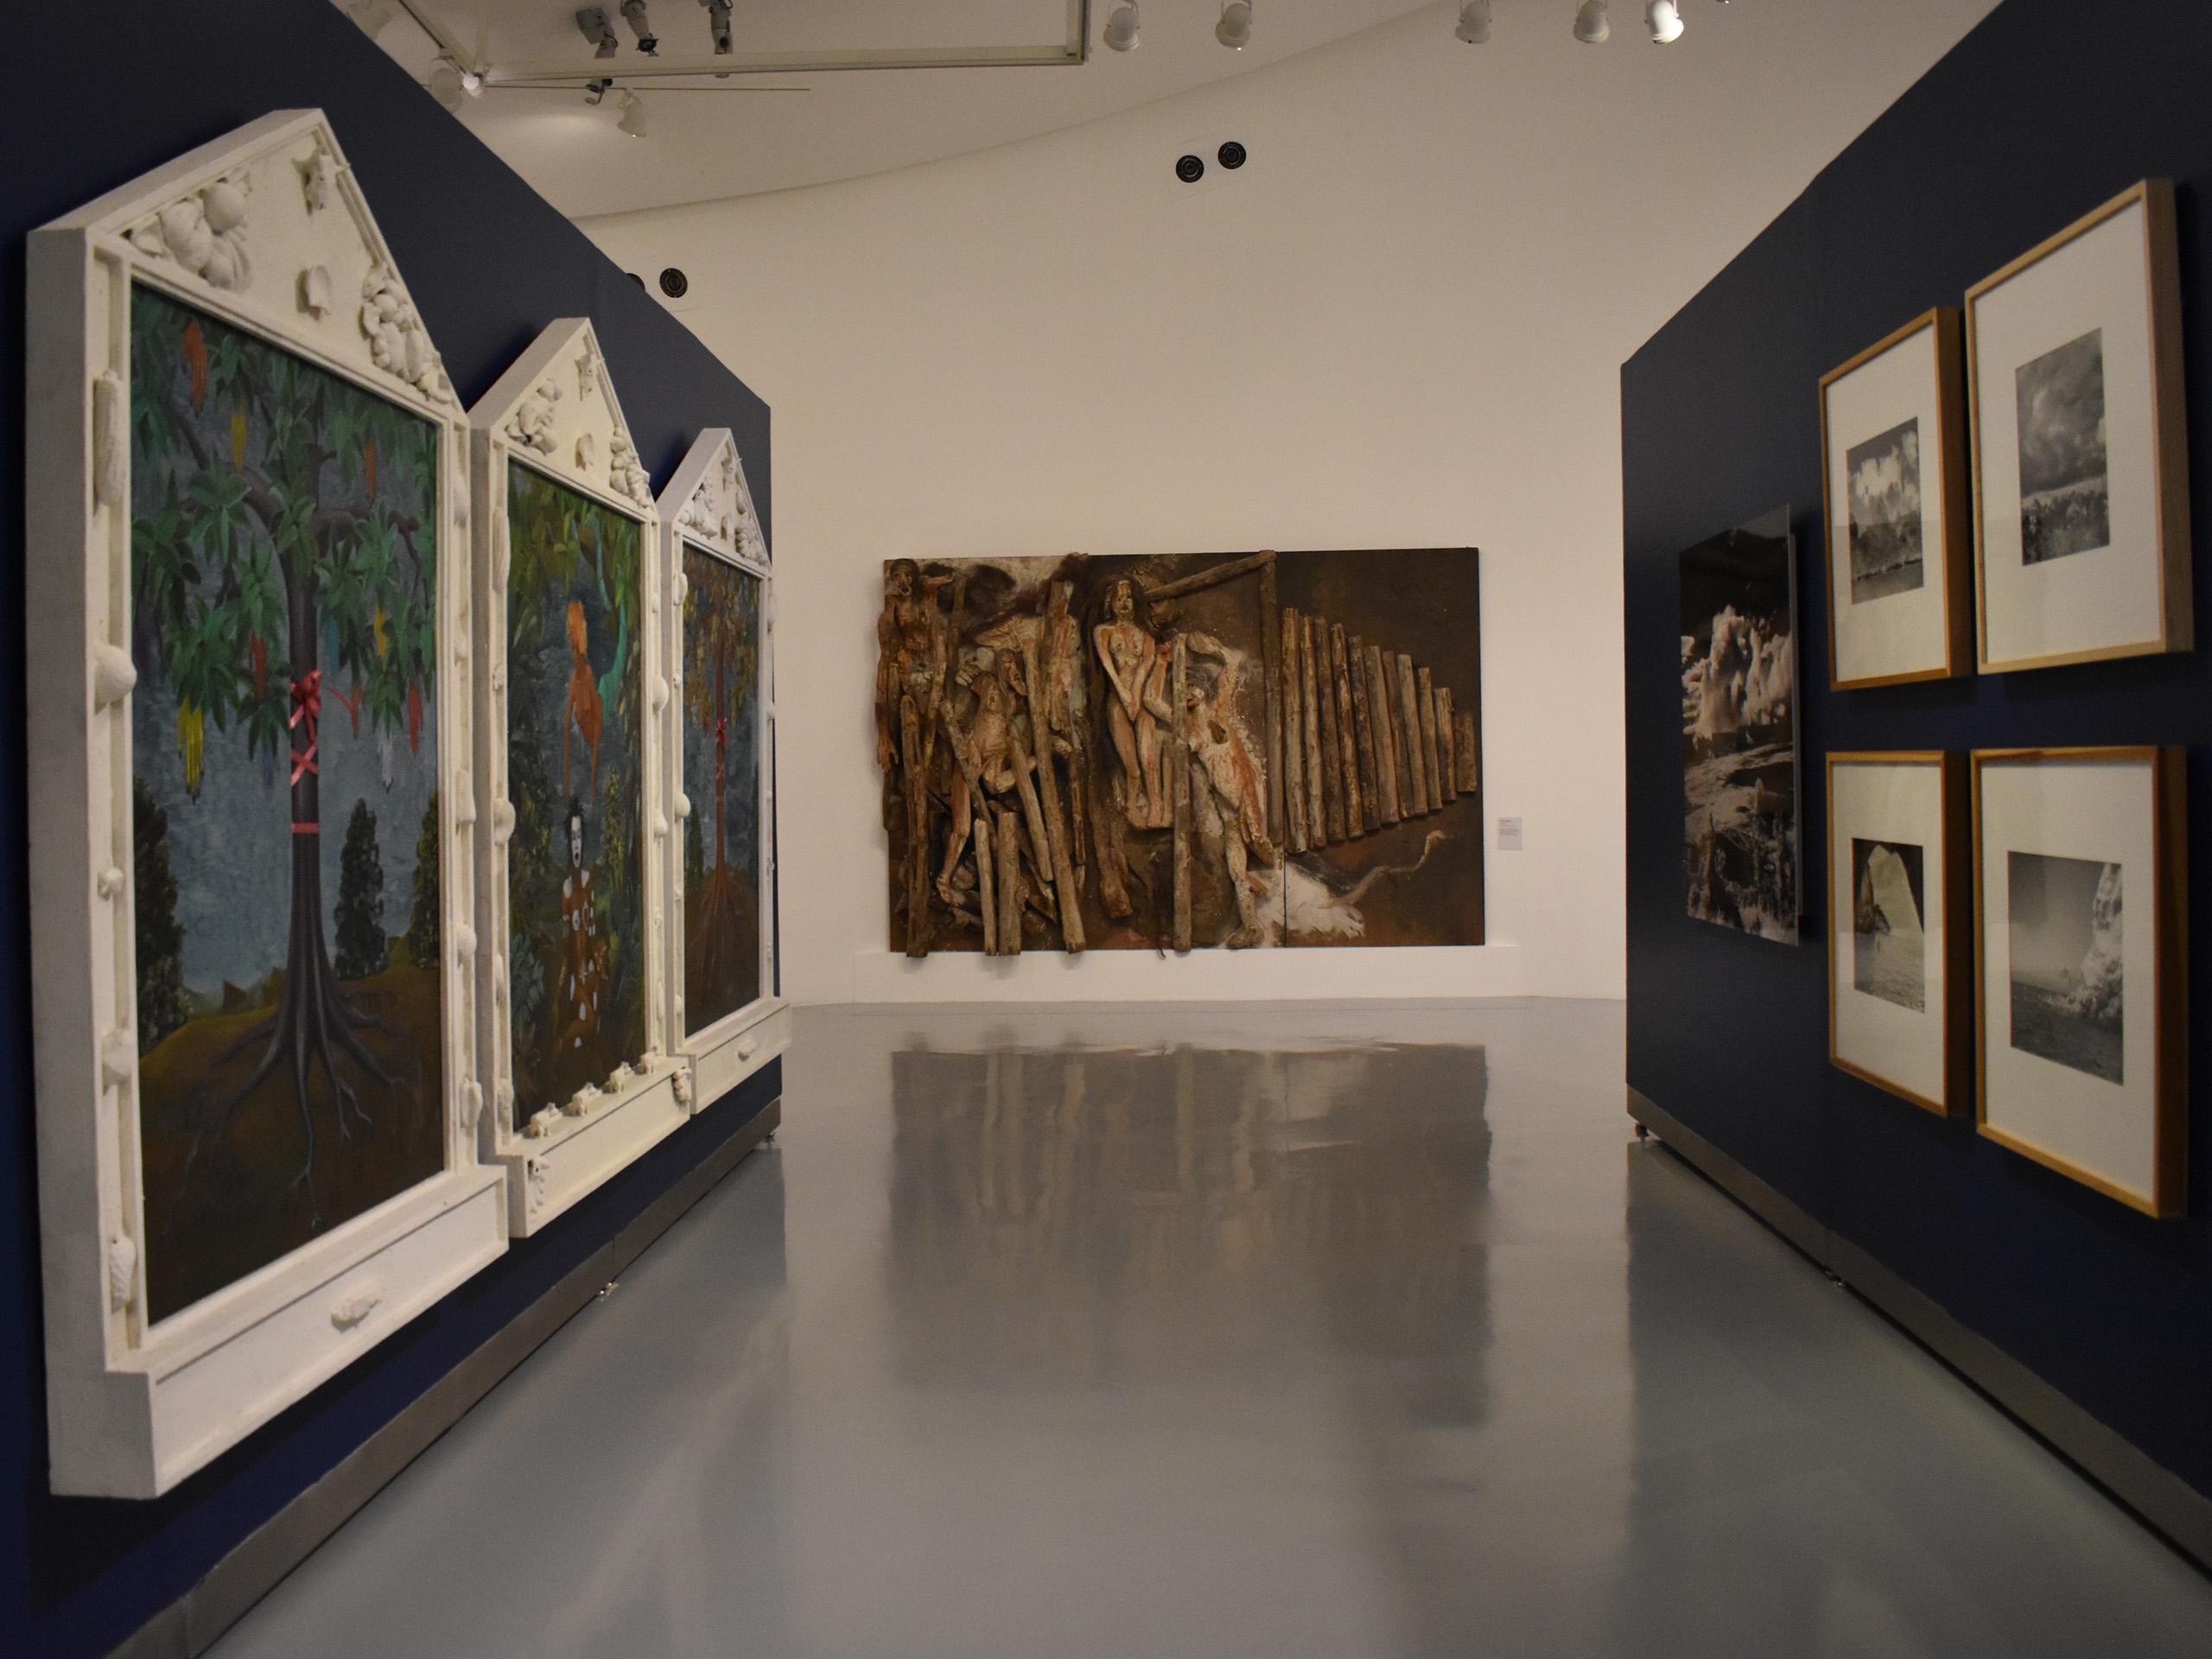 Coleccion-en-Guanajuato-Galeria-Noticias-4